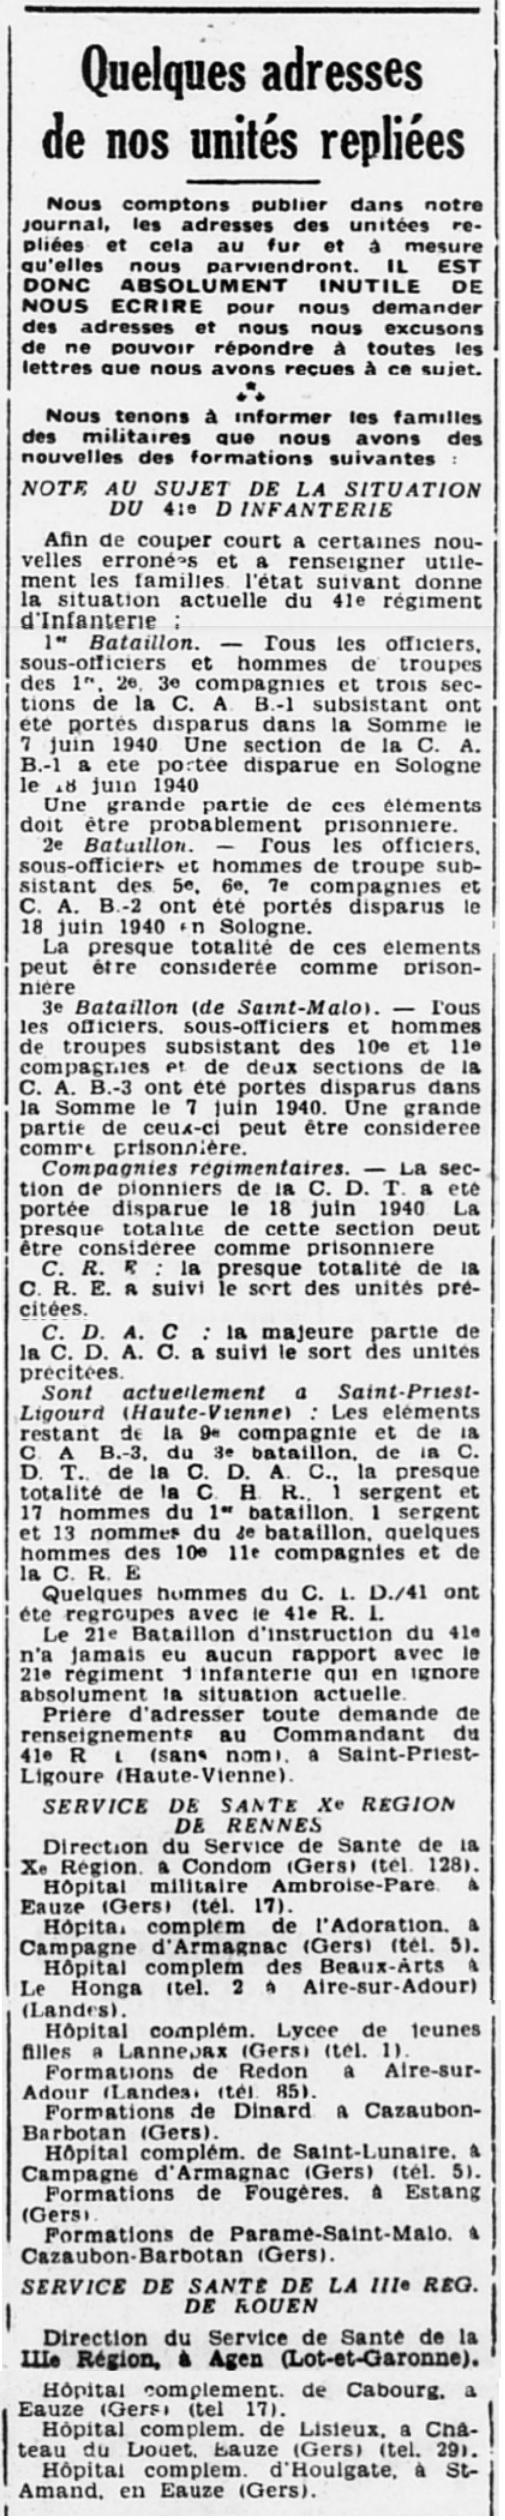 Liste des centres de repli des unités françaises 19400728